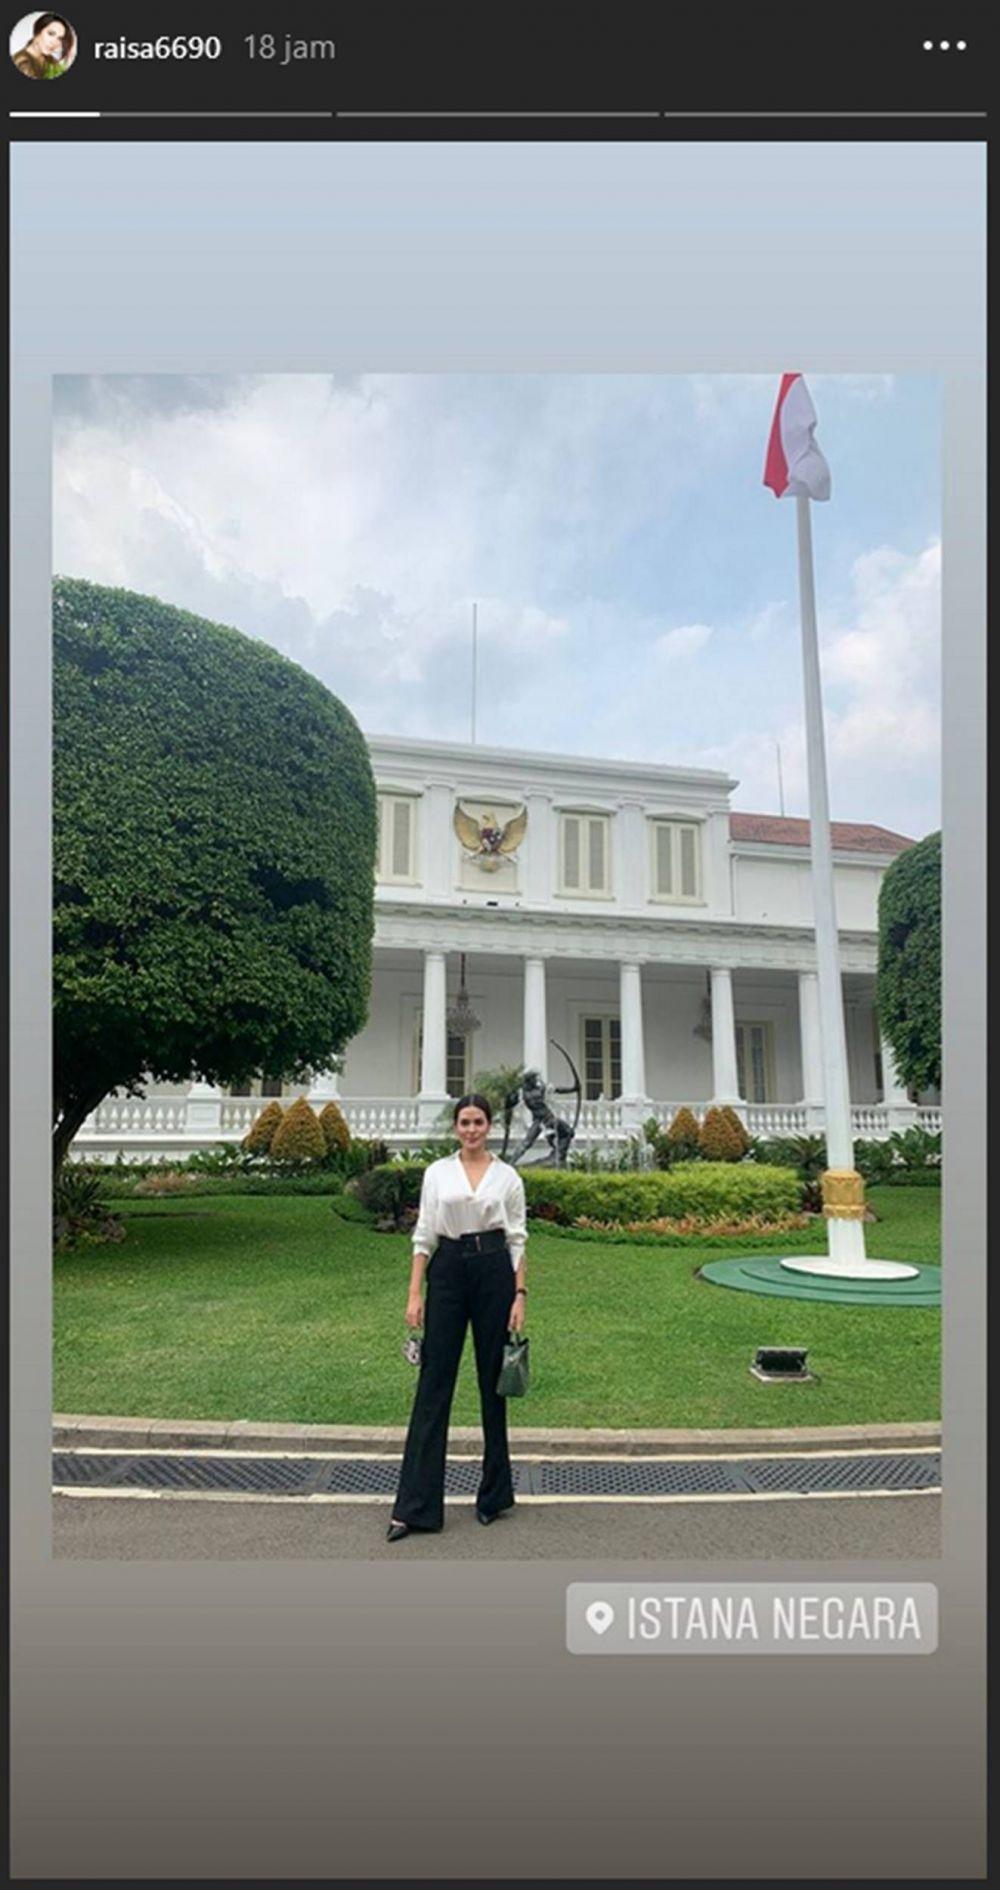 15 Potret Artis saat Terima Undangan dari Istana Negara, Bangga Banget